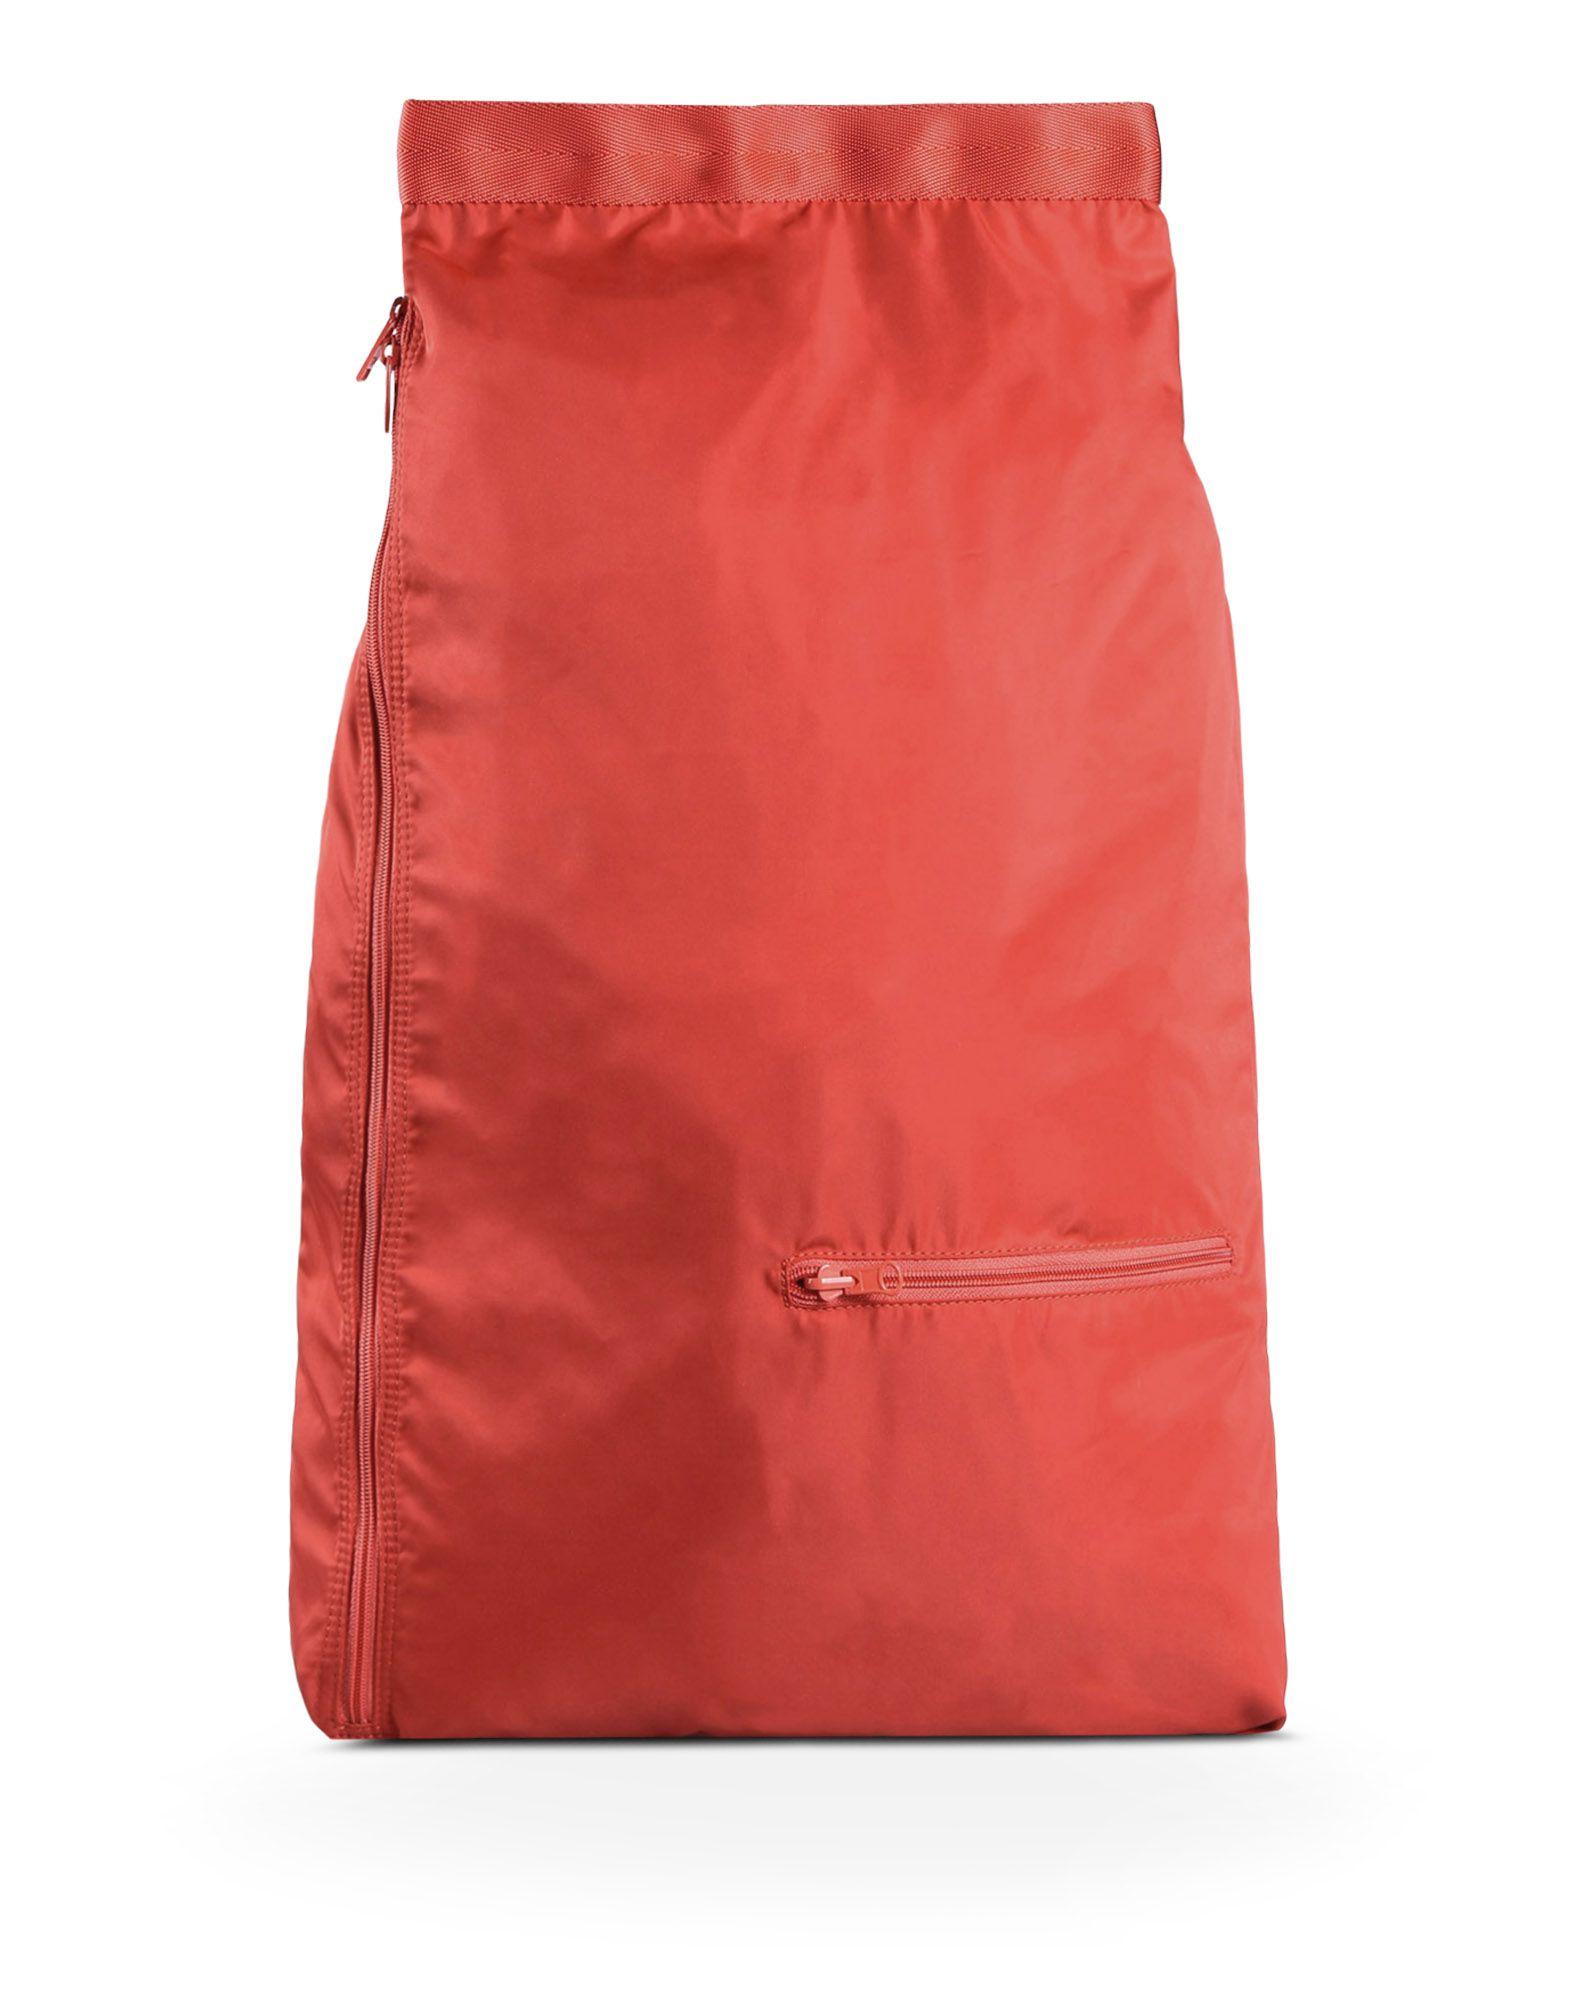 Y-3 PACKABLE BAG BAGS unisex Y-3 adidas